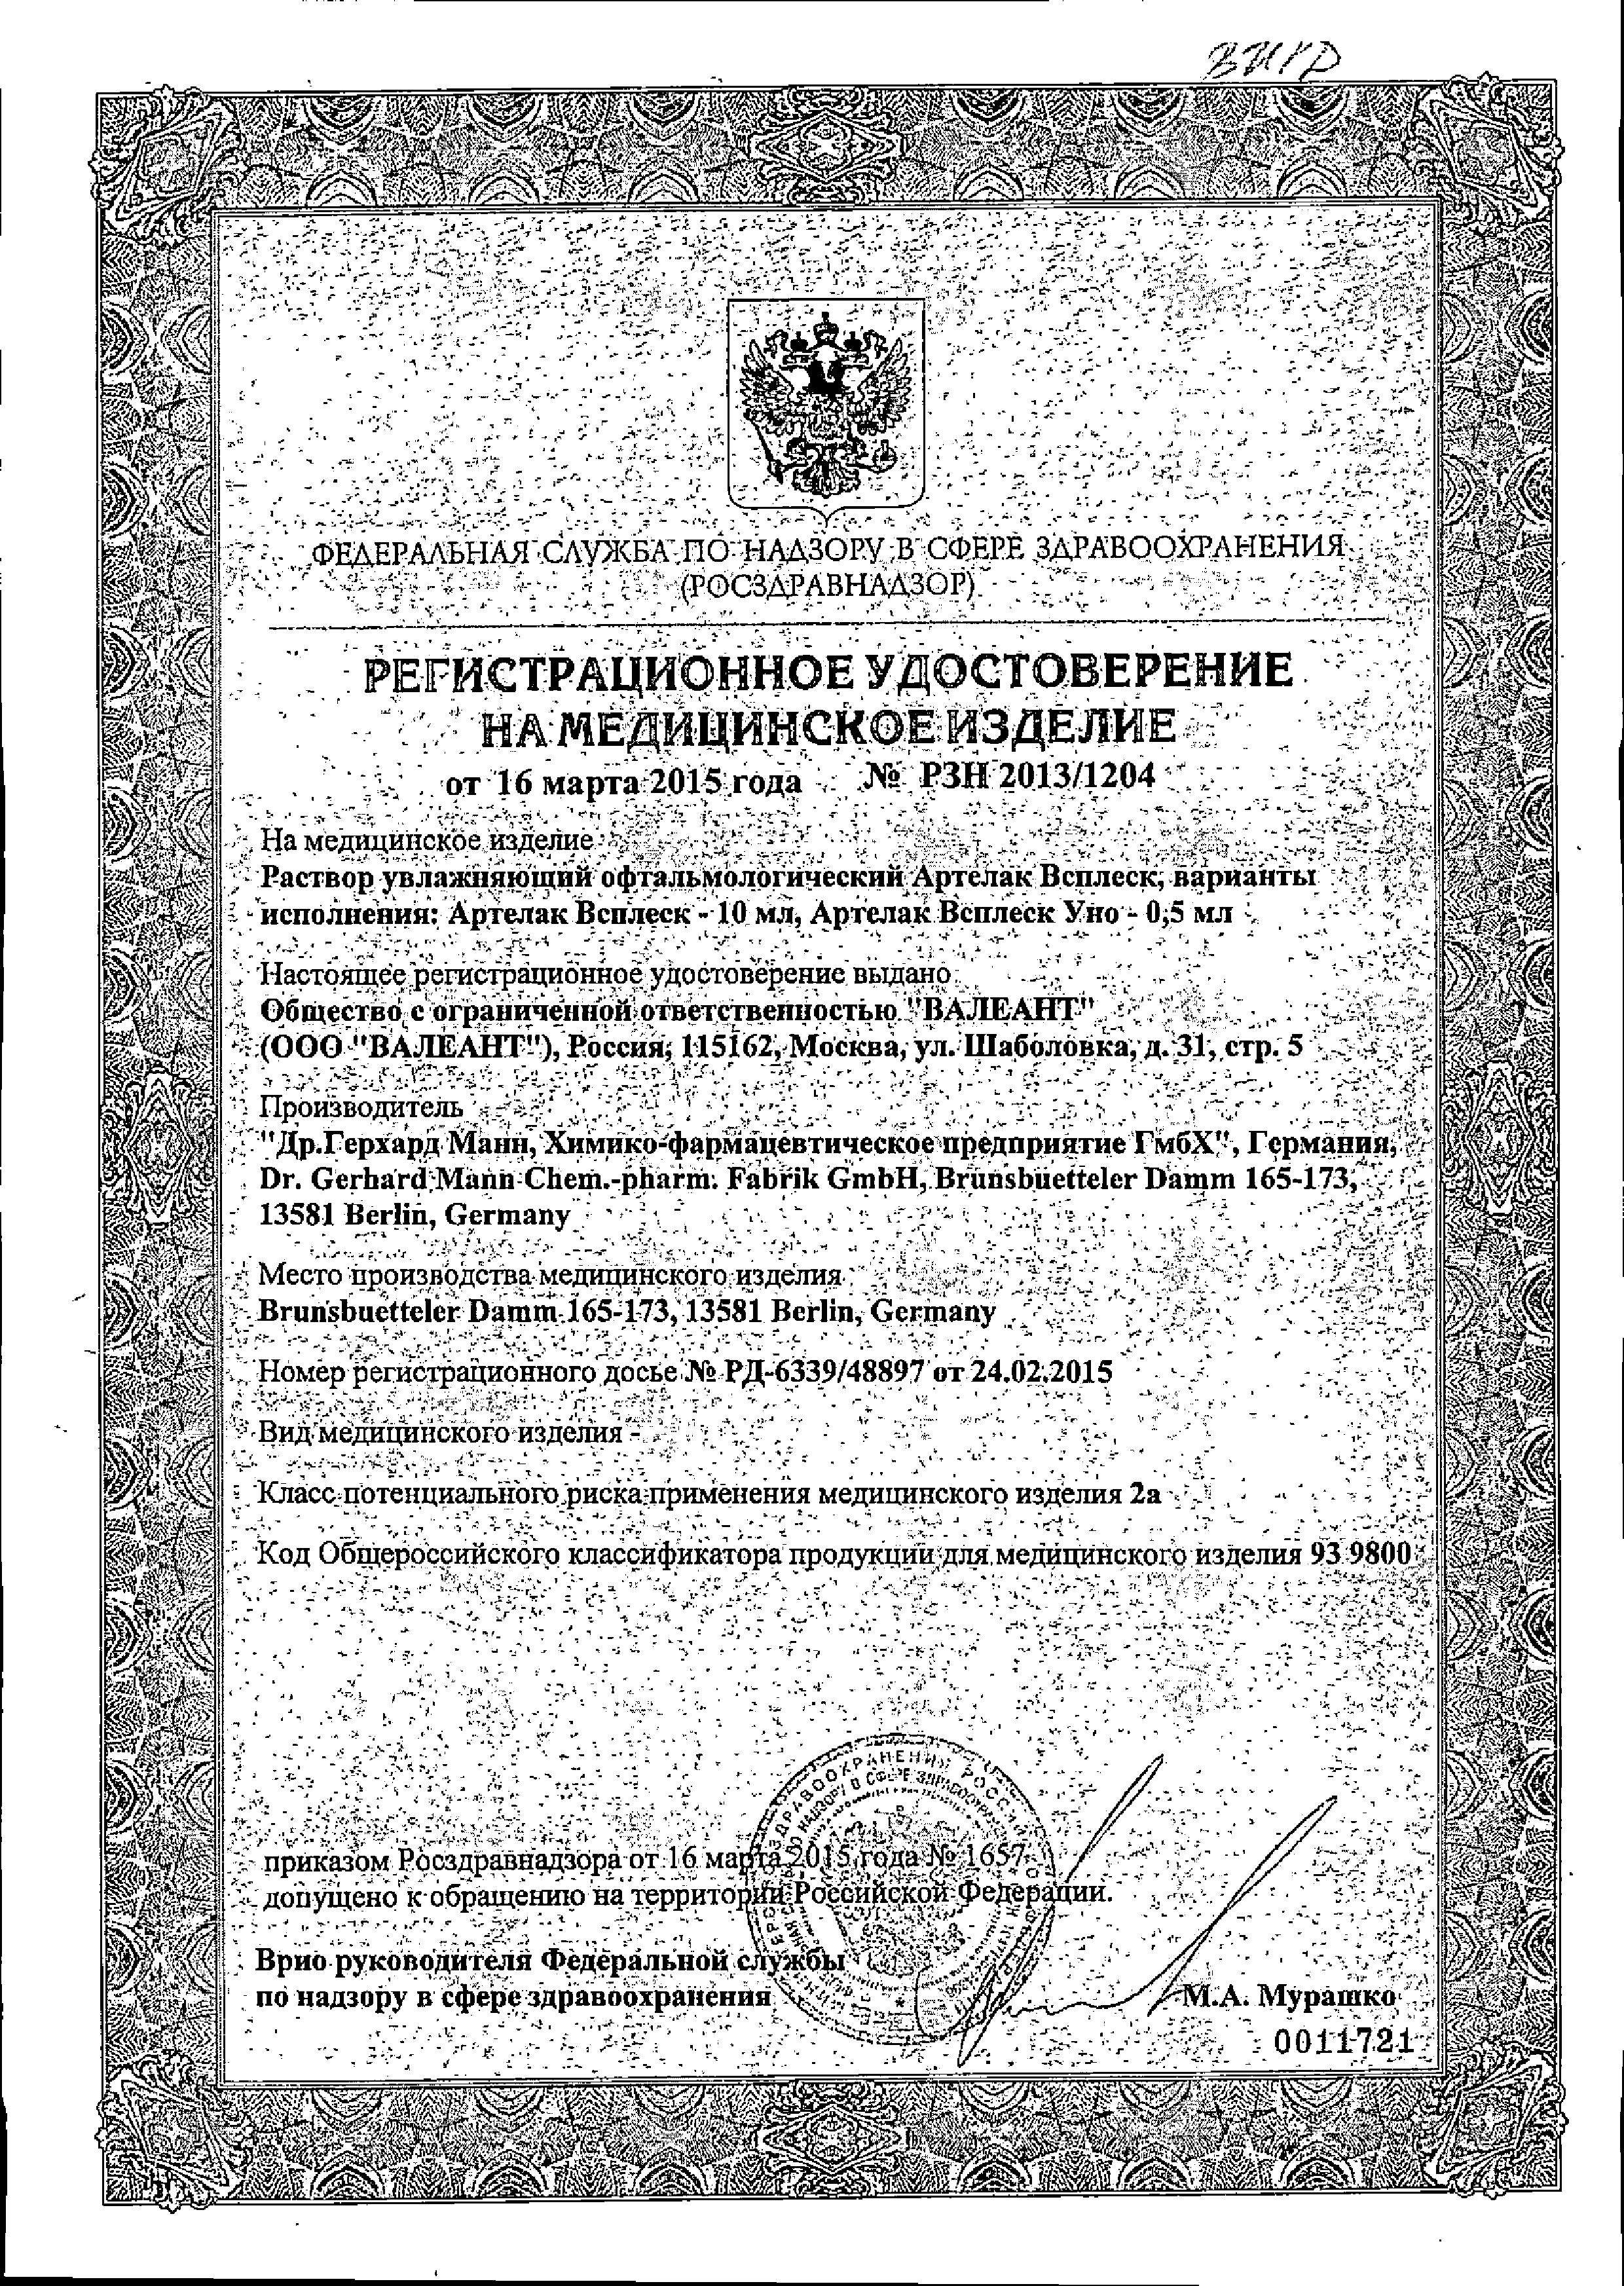 Артелак Всплеск Уно раствор увлажняющий офтальмологический сертификат